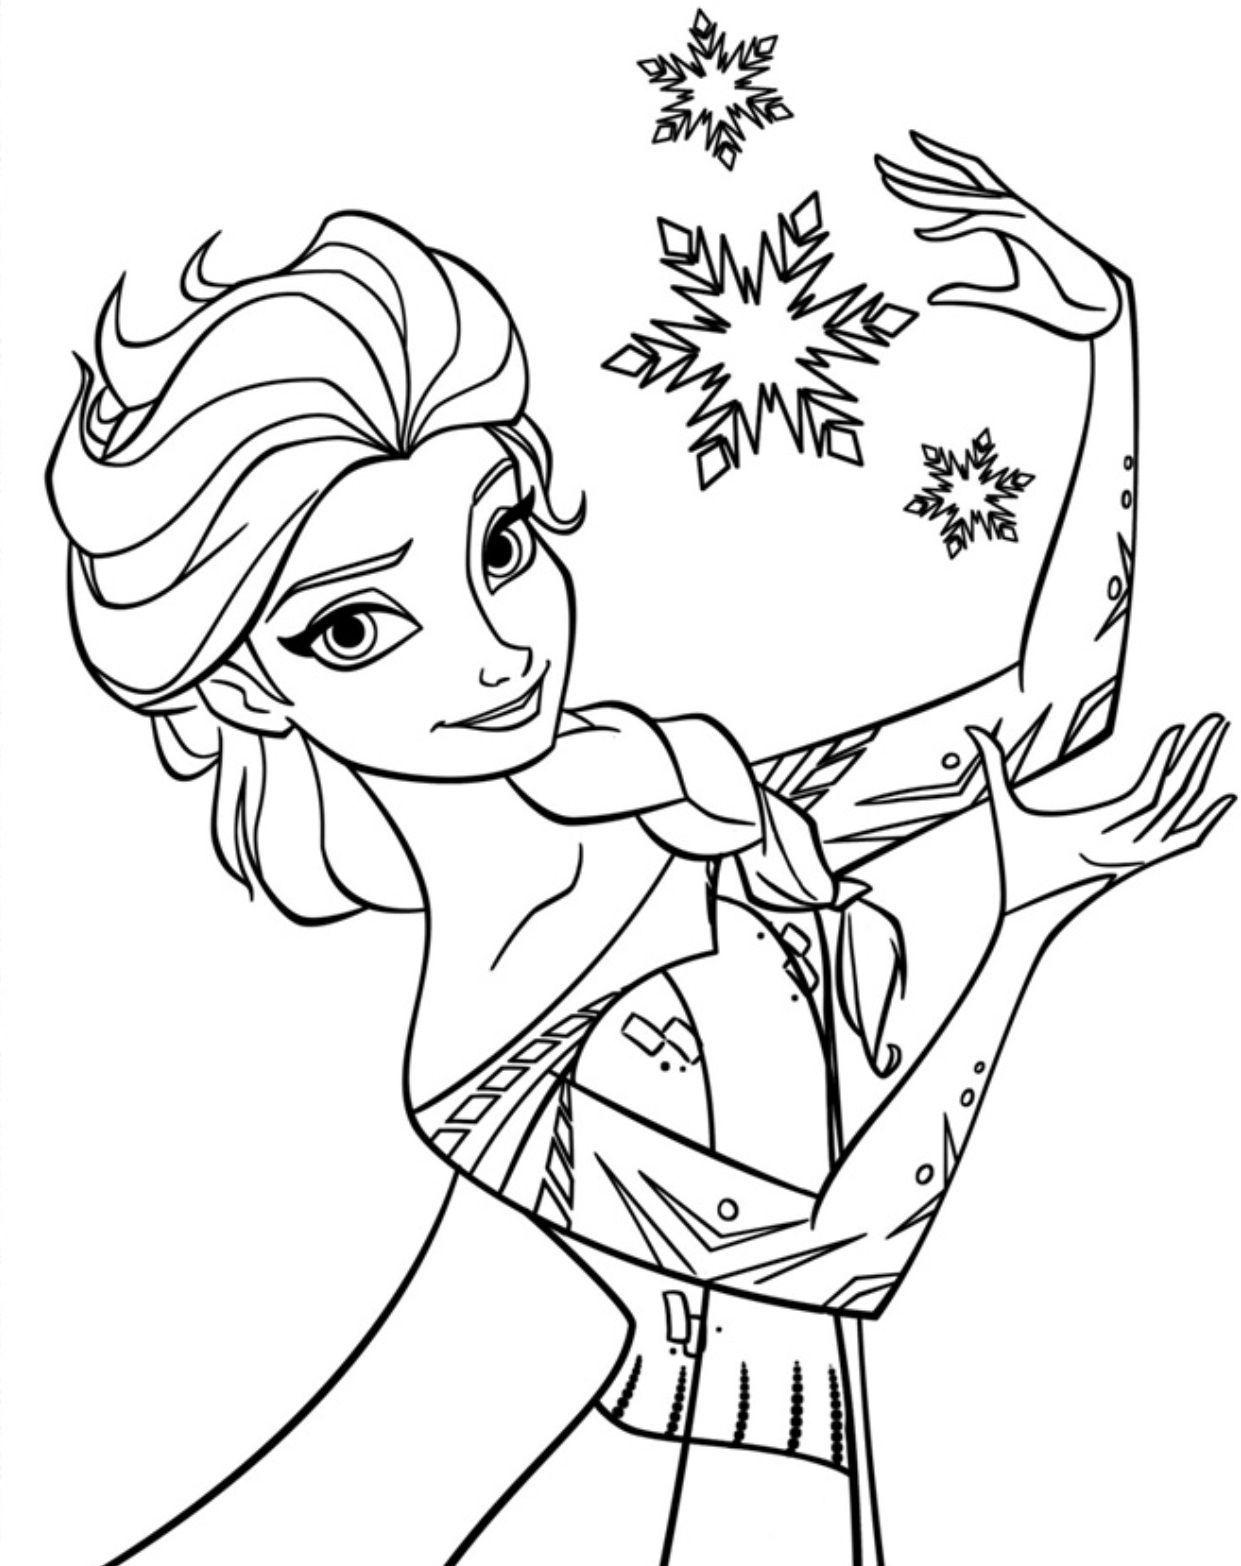 Princess Elsa Coloring Sheet Disney Princess Elsa Coloring Pages Princess Elsa Colo Elsa Coloring Pages Disney Princess Coloring Pages Frozen Coloring Sheets